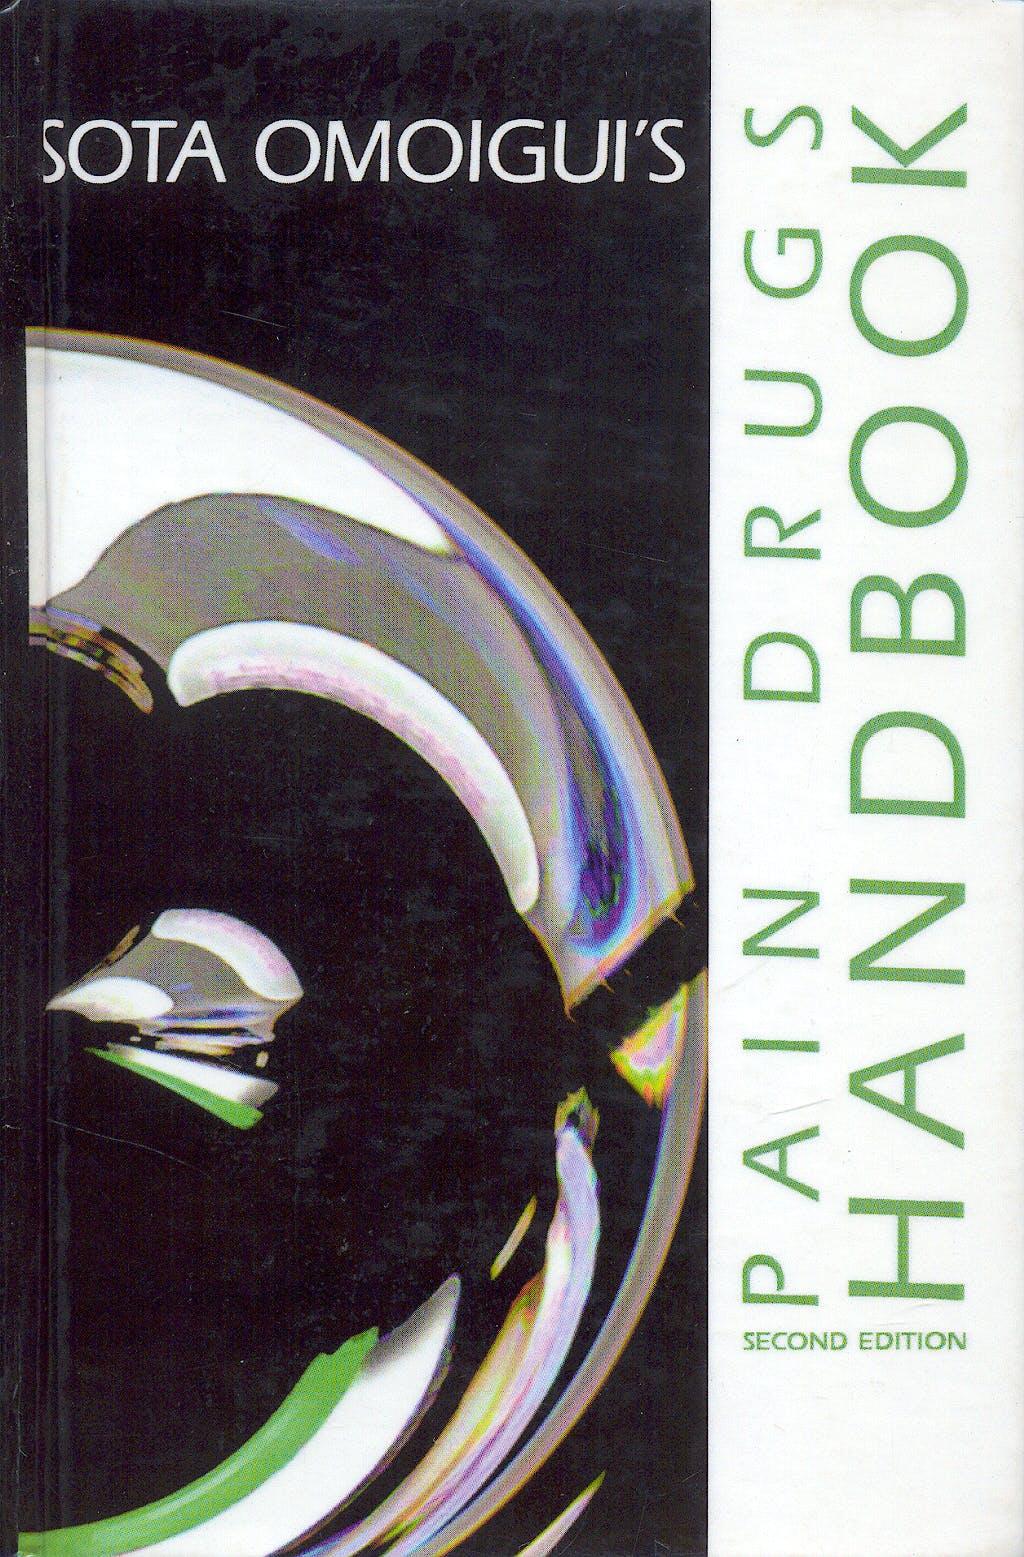 Portada del libro 9780965076746 Sota Omoigui's Pain Drugs Handbook